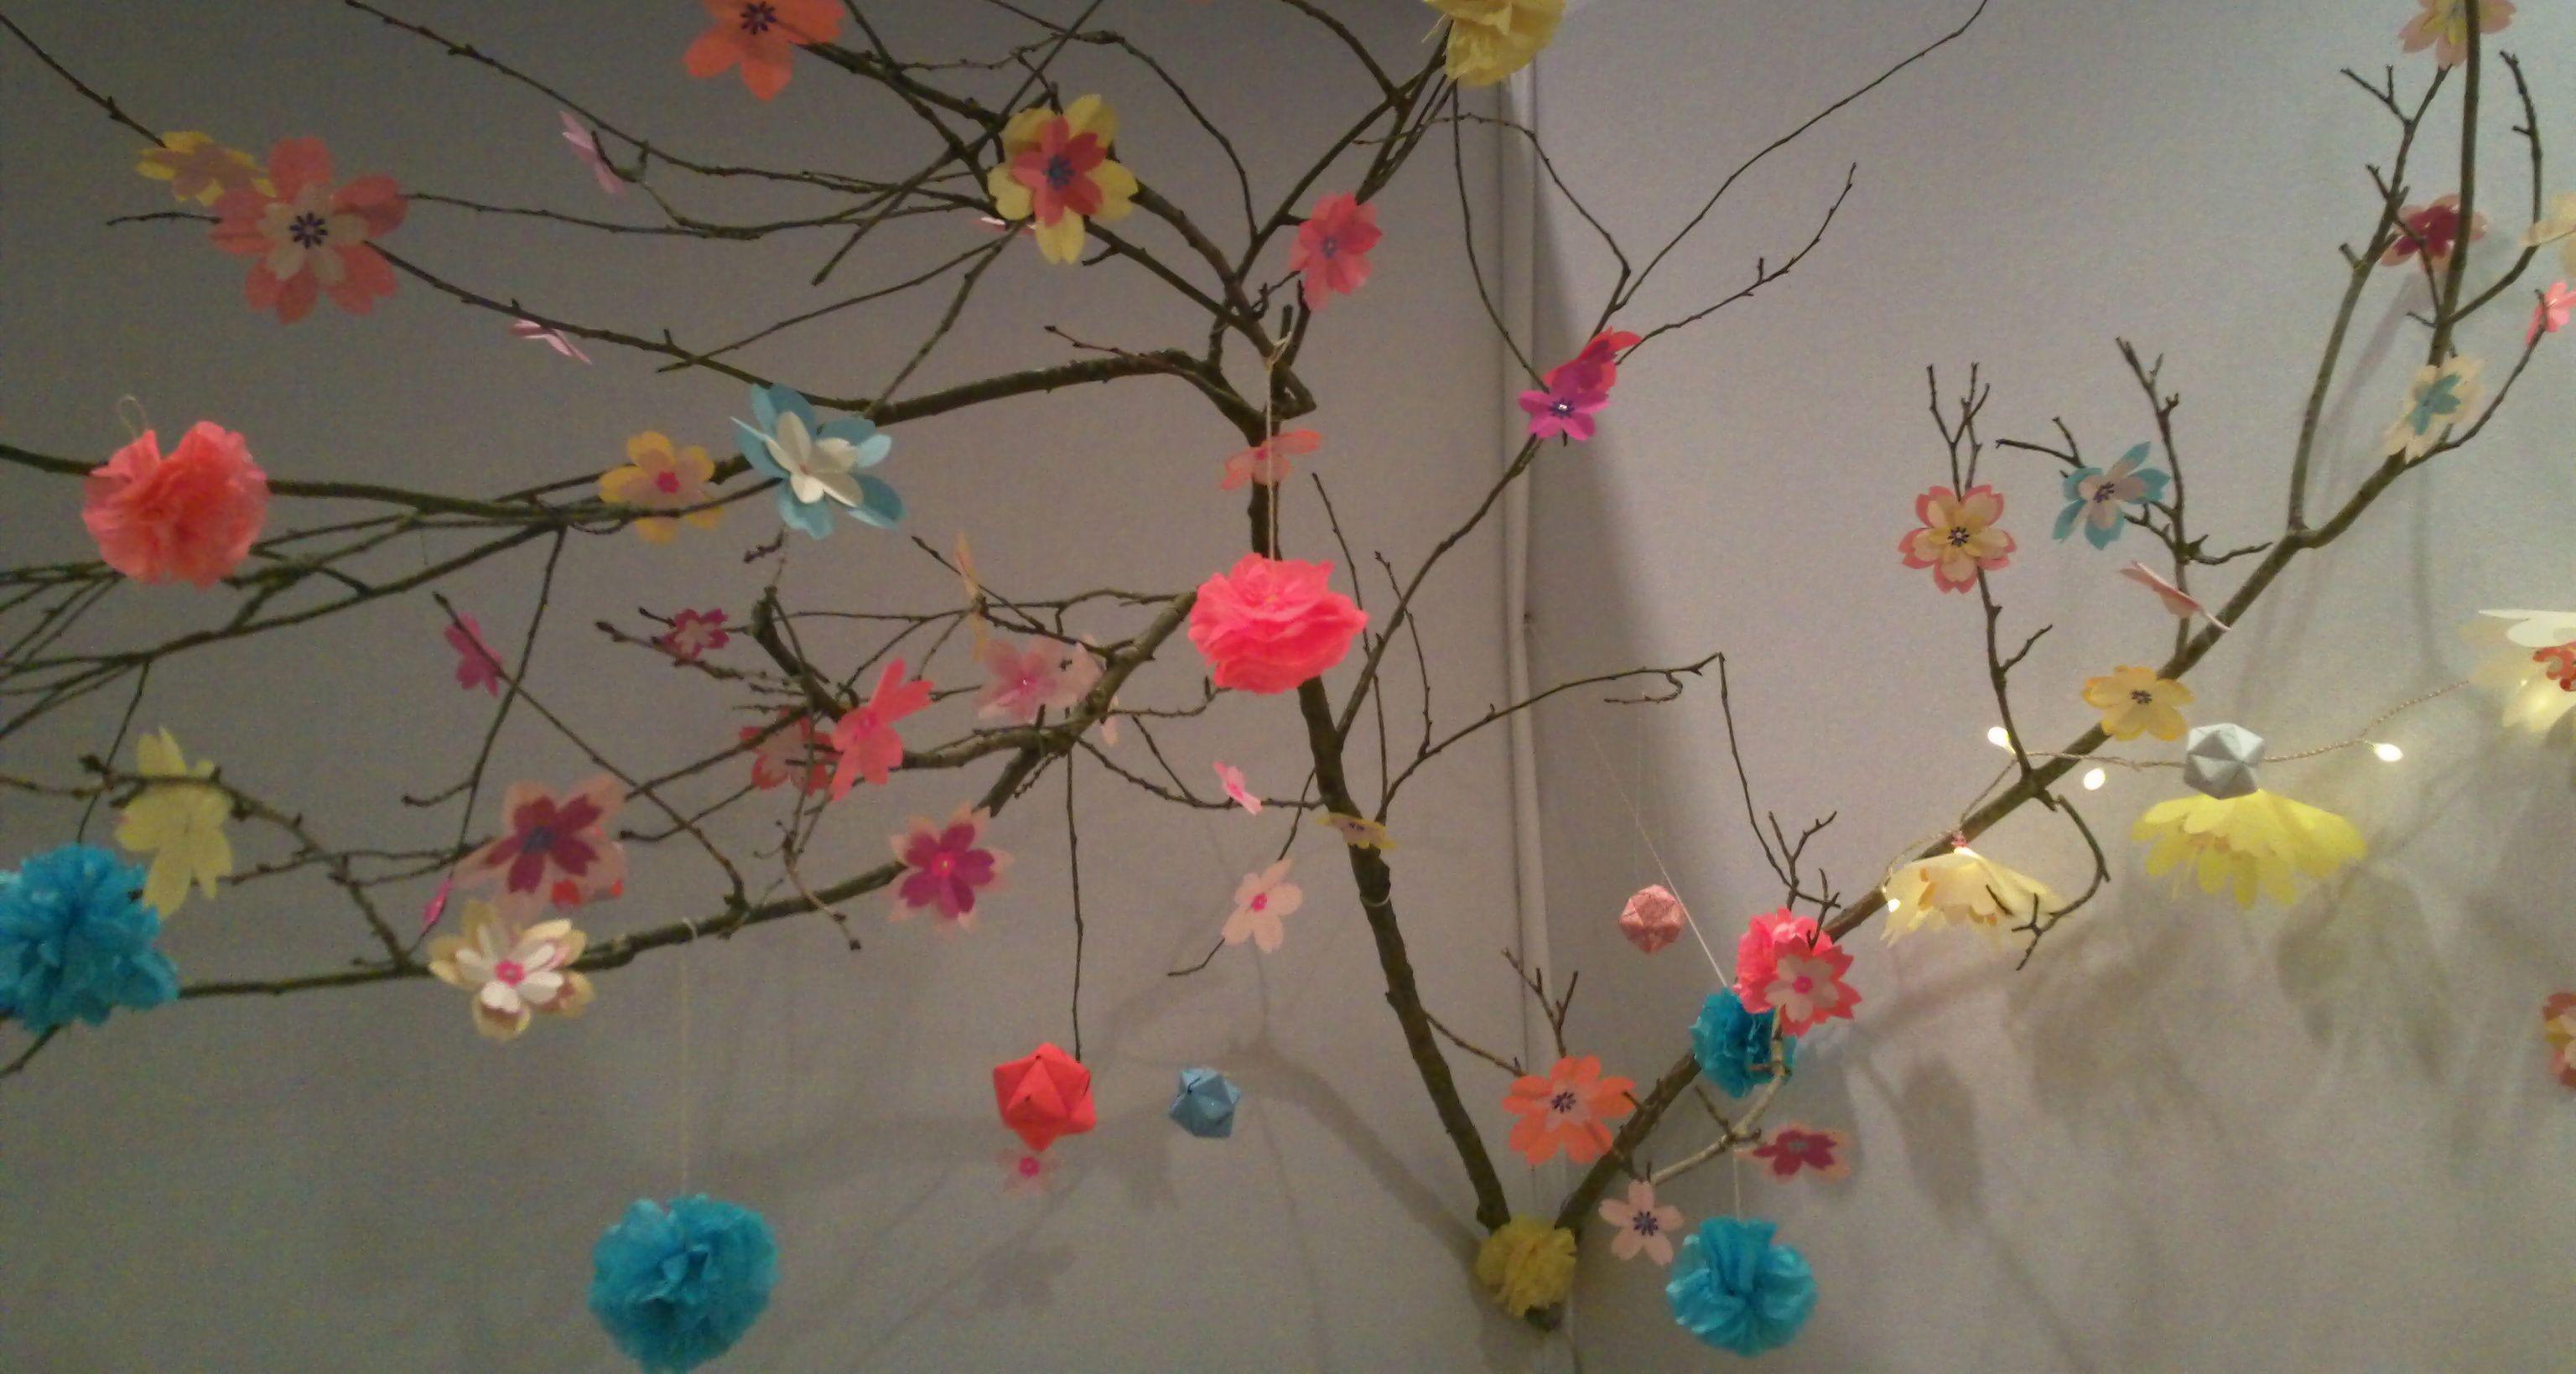 Diy etoiles et fleurs en origami d 39 adeline klam adeline klam fleur de cerisier et cerisier - Comment faire fuir les oiseaux des cerisiers ...